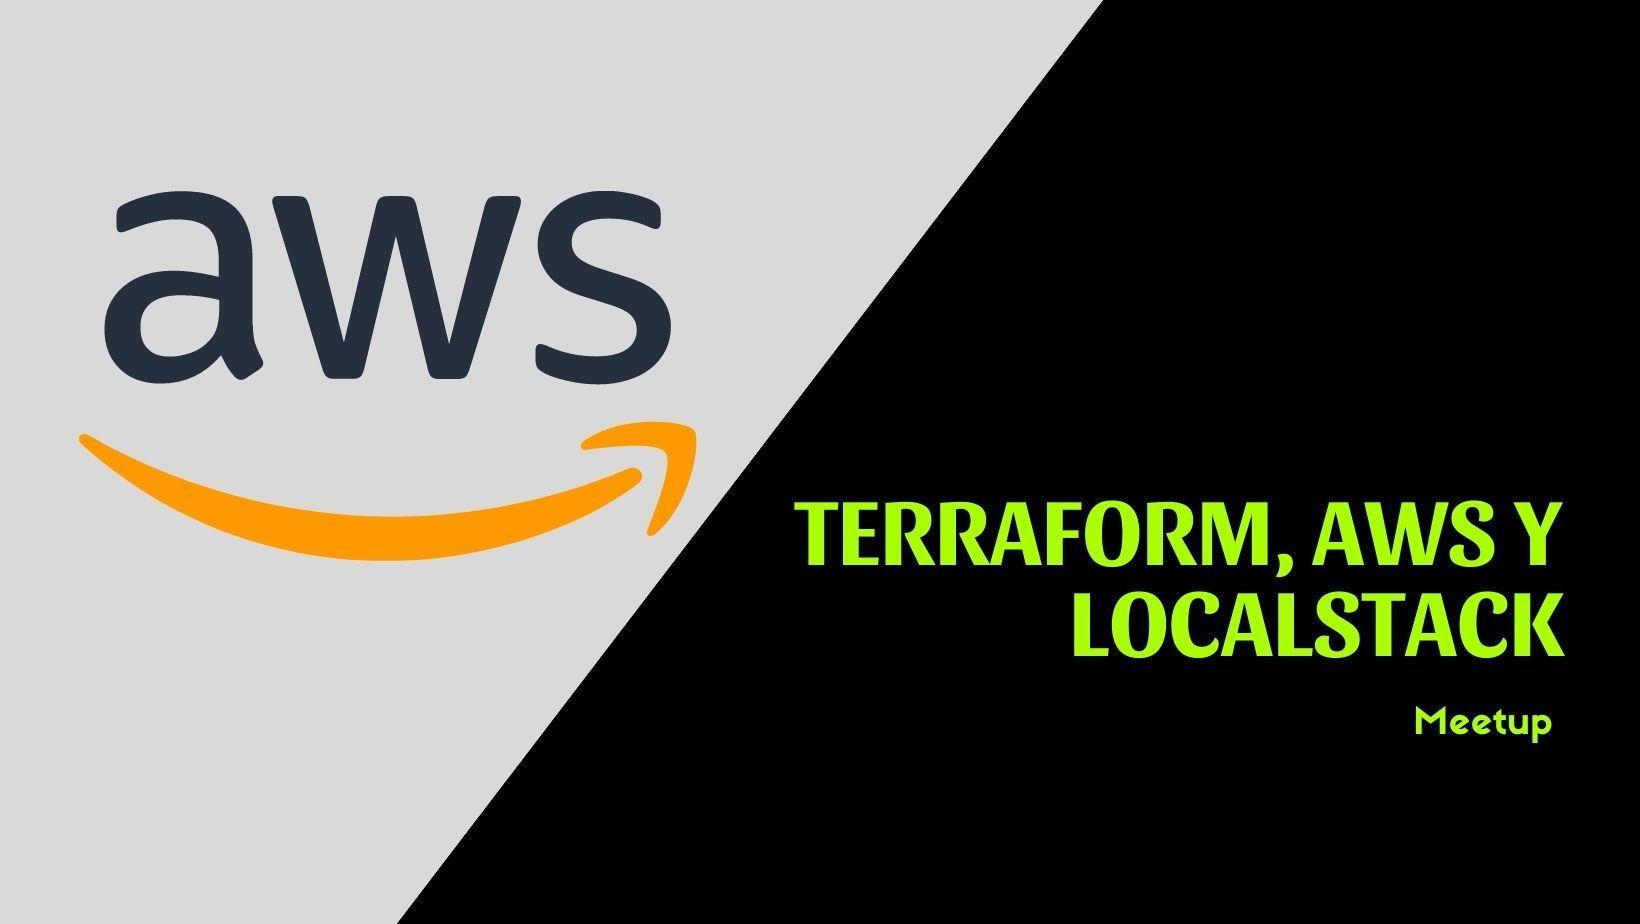 Terraform, AWS y Localstack